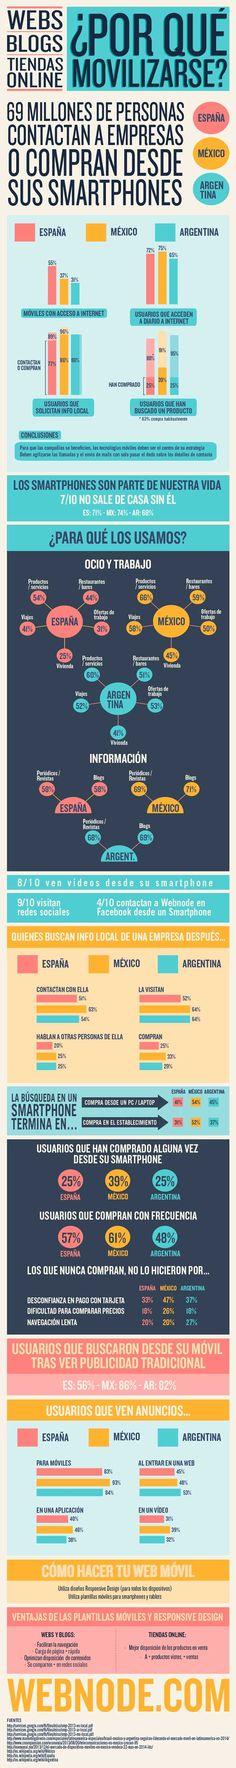 La importancia de adaptar una web al mundo móvil